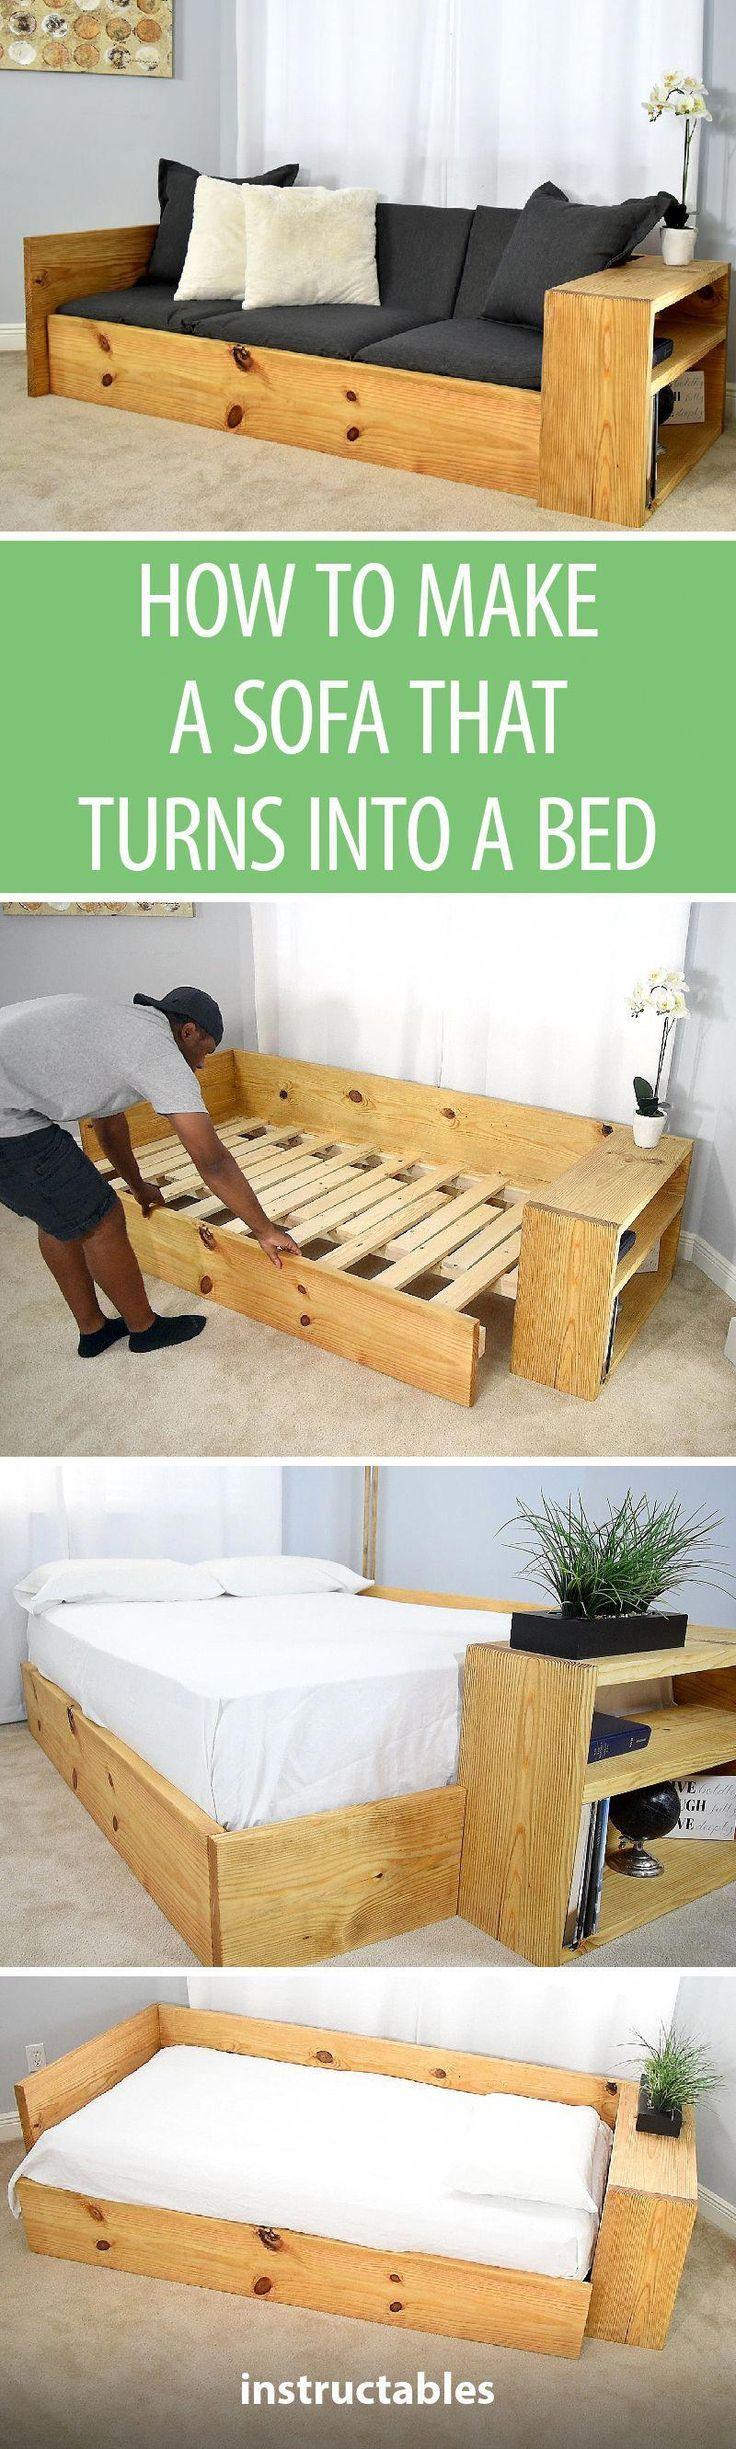 Wie man ein SOFA macht, das sich in ein BETT verwandelt #woodworking #furniture #WoodPlansFree